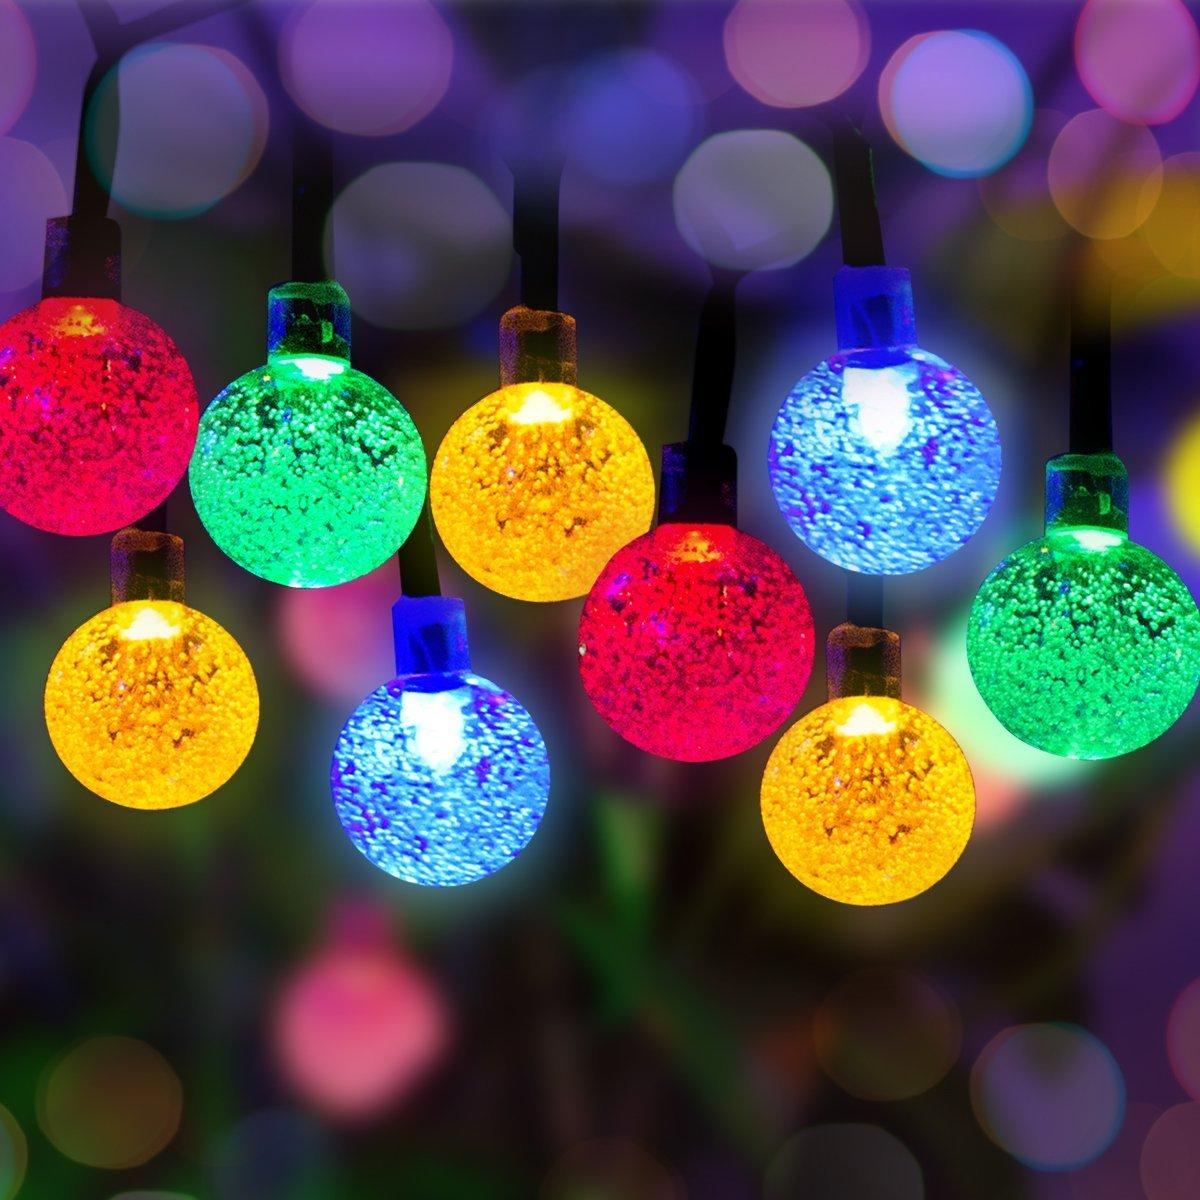 50 LED Wassertropfen Solar Lichterkette (Länge: 6.8m) für 10,99€